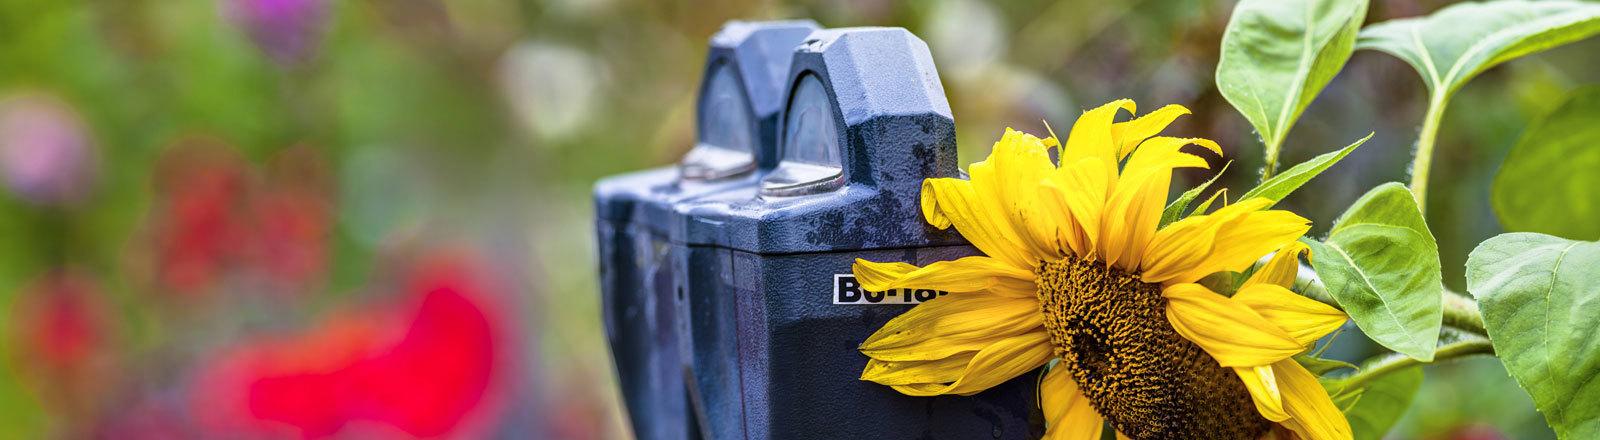 Parkuhr mit Sonnenblume